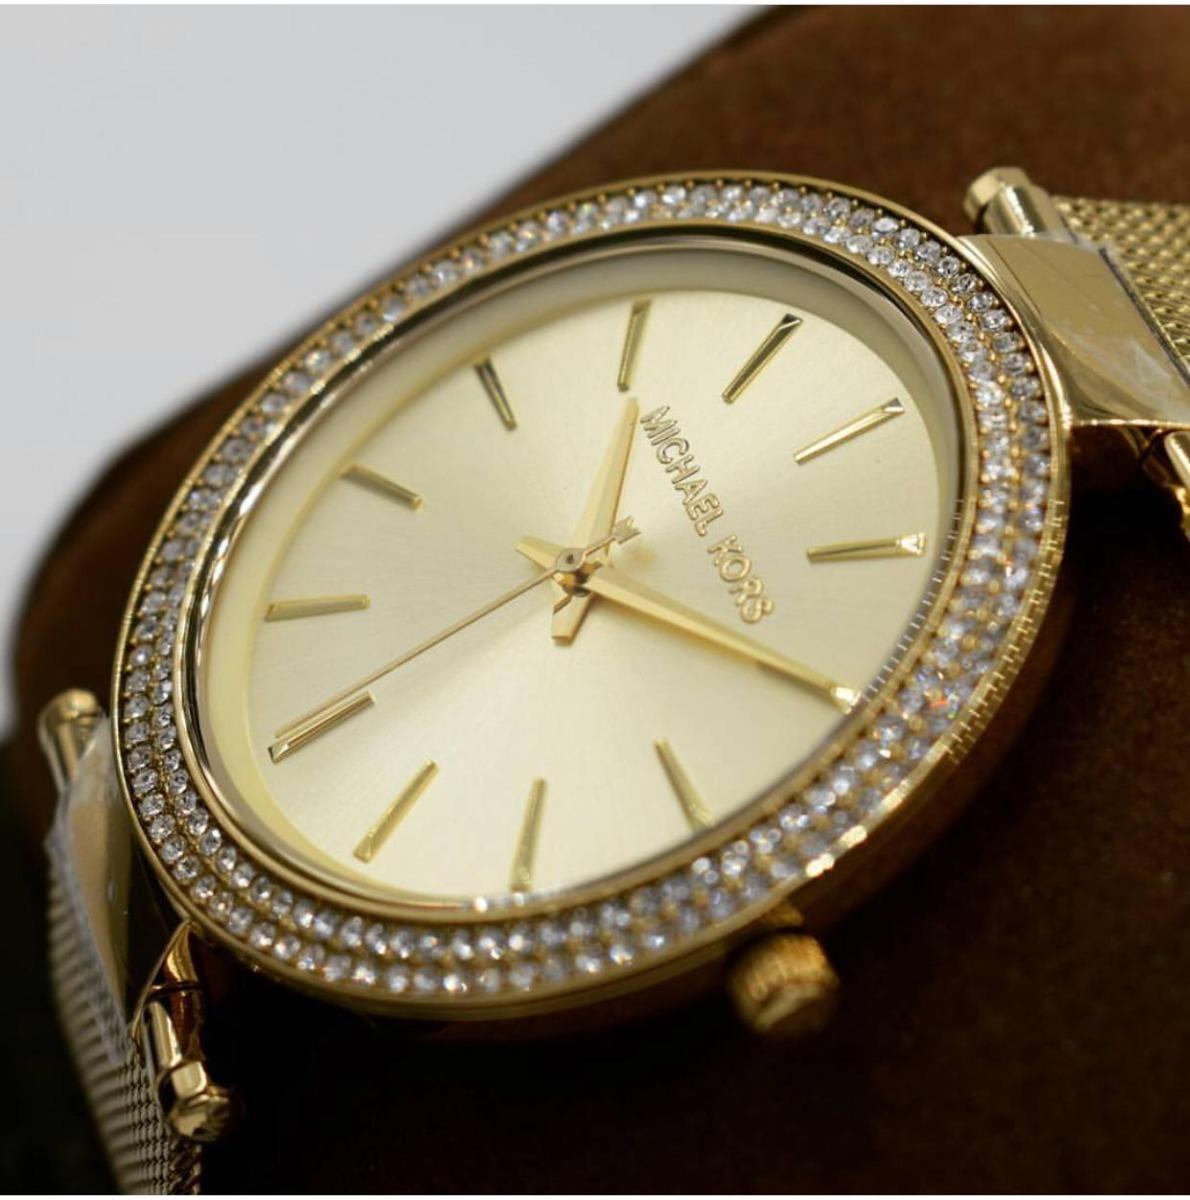 1eaf8a8cfe Relógio Michael Kors Mk3368 Lançamento, Rose, 100% Original - R$ 799 ...